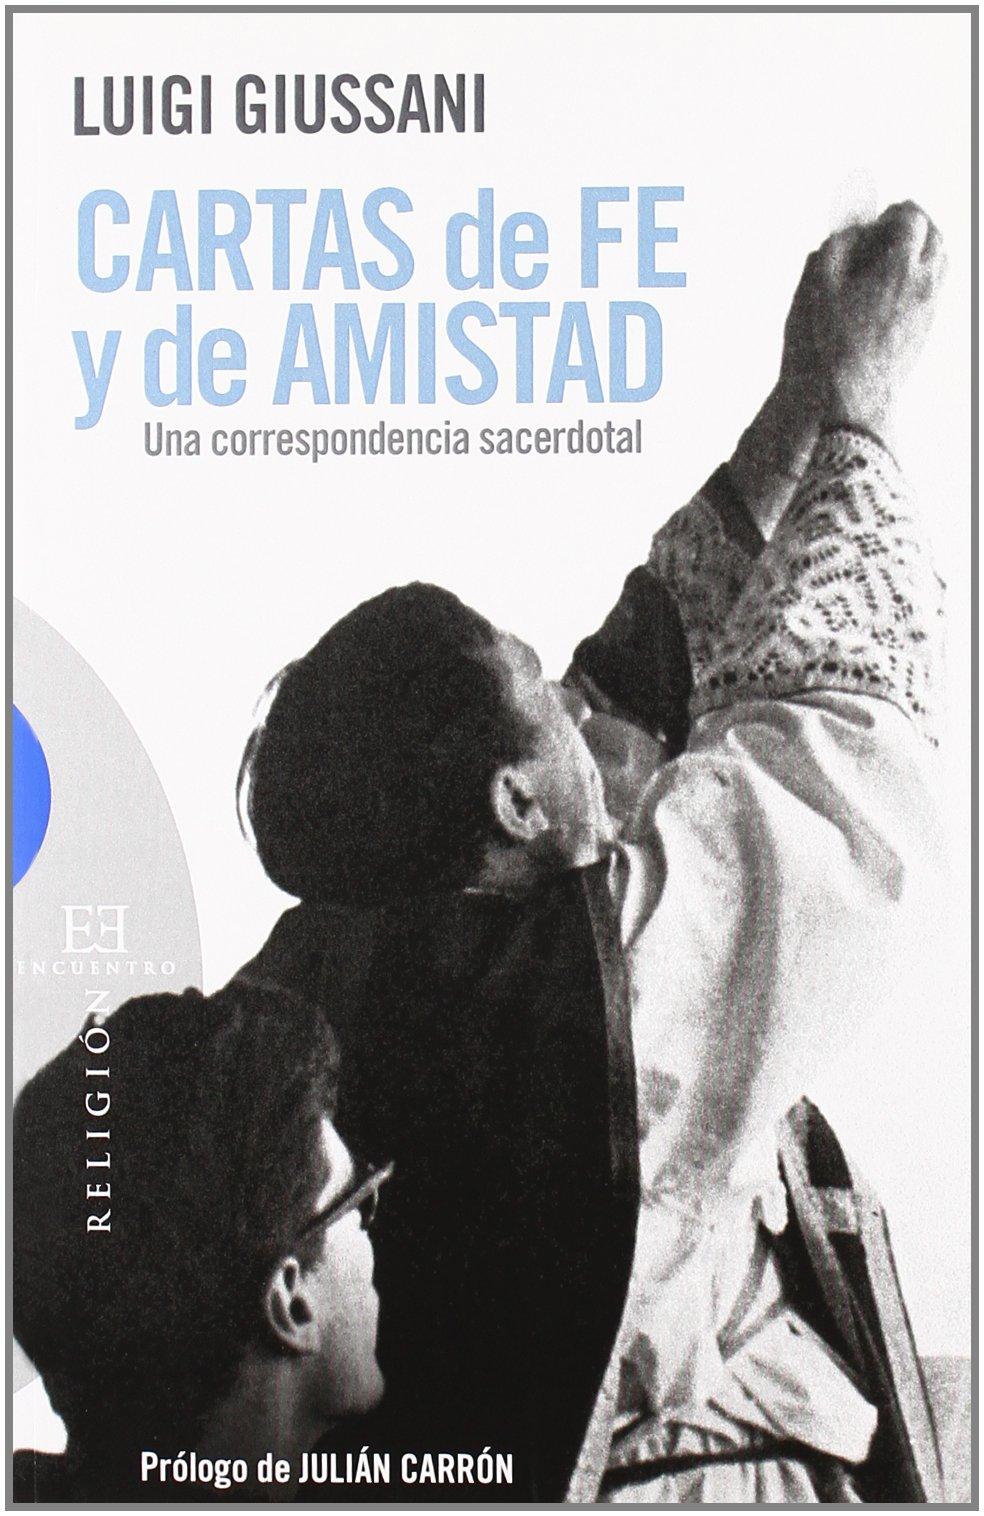 Cartas de fe y de amistad: Una correspondencia sacerdotal (Ensayo) Tapa blanda – 25 may 2010 Luigi Giussani Carmen Giussani Julián Carrón Pérez Gabriel Richi Alberti